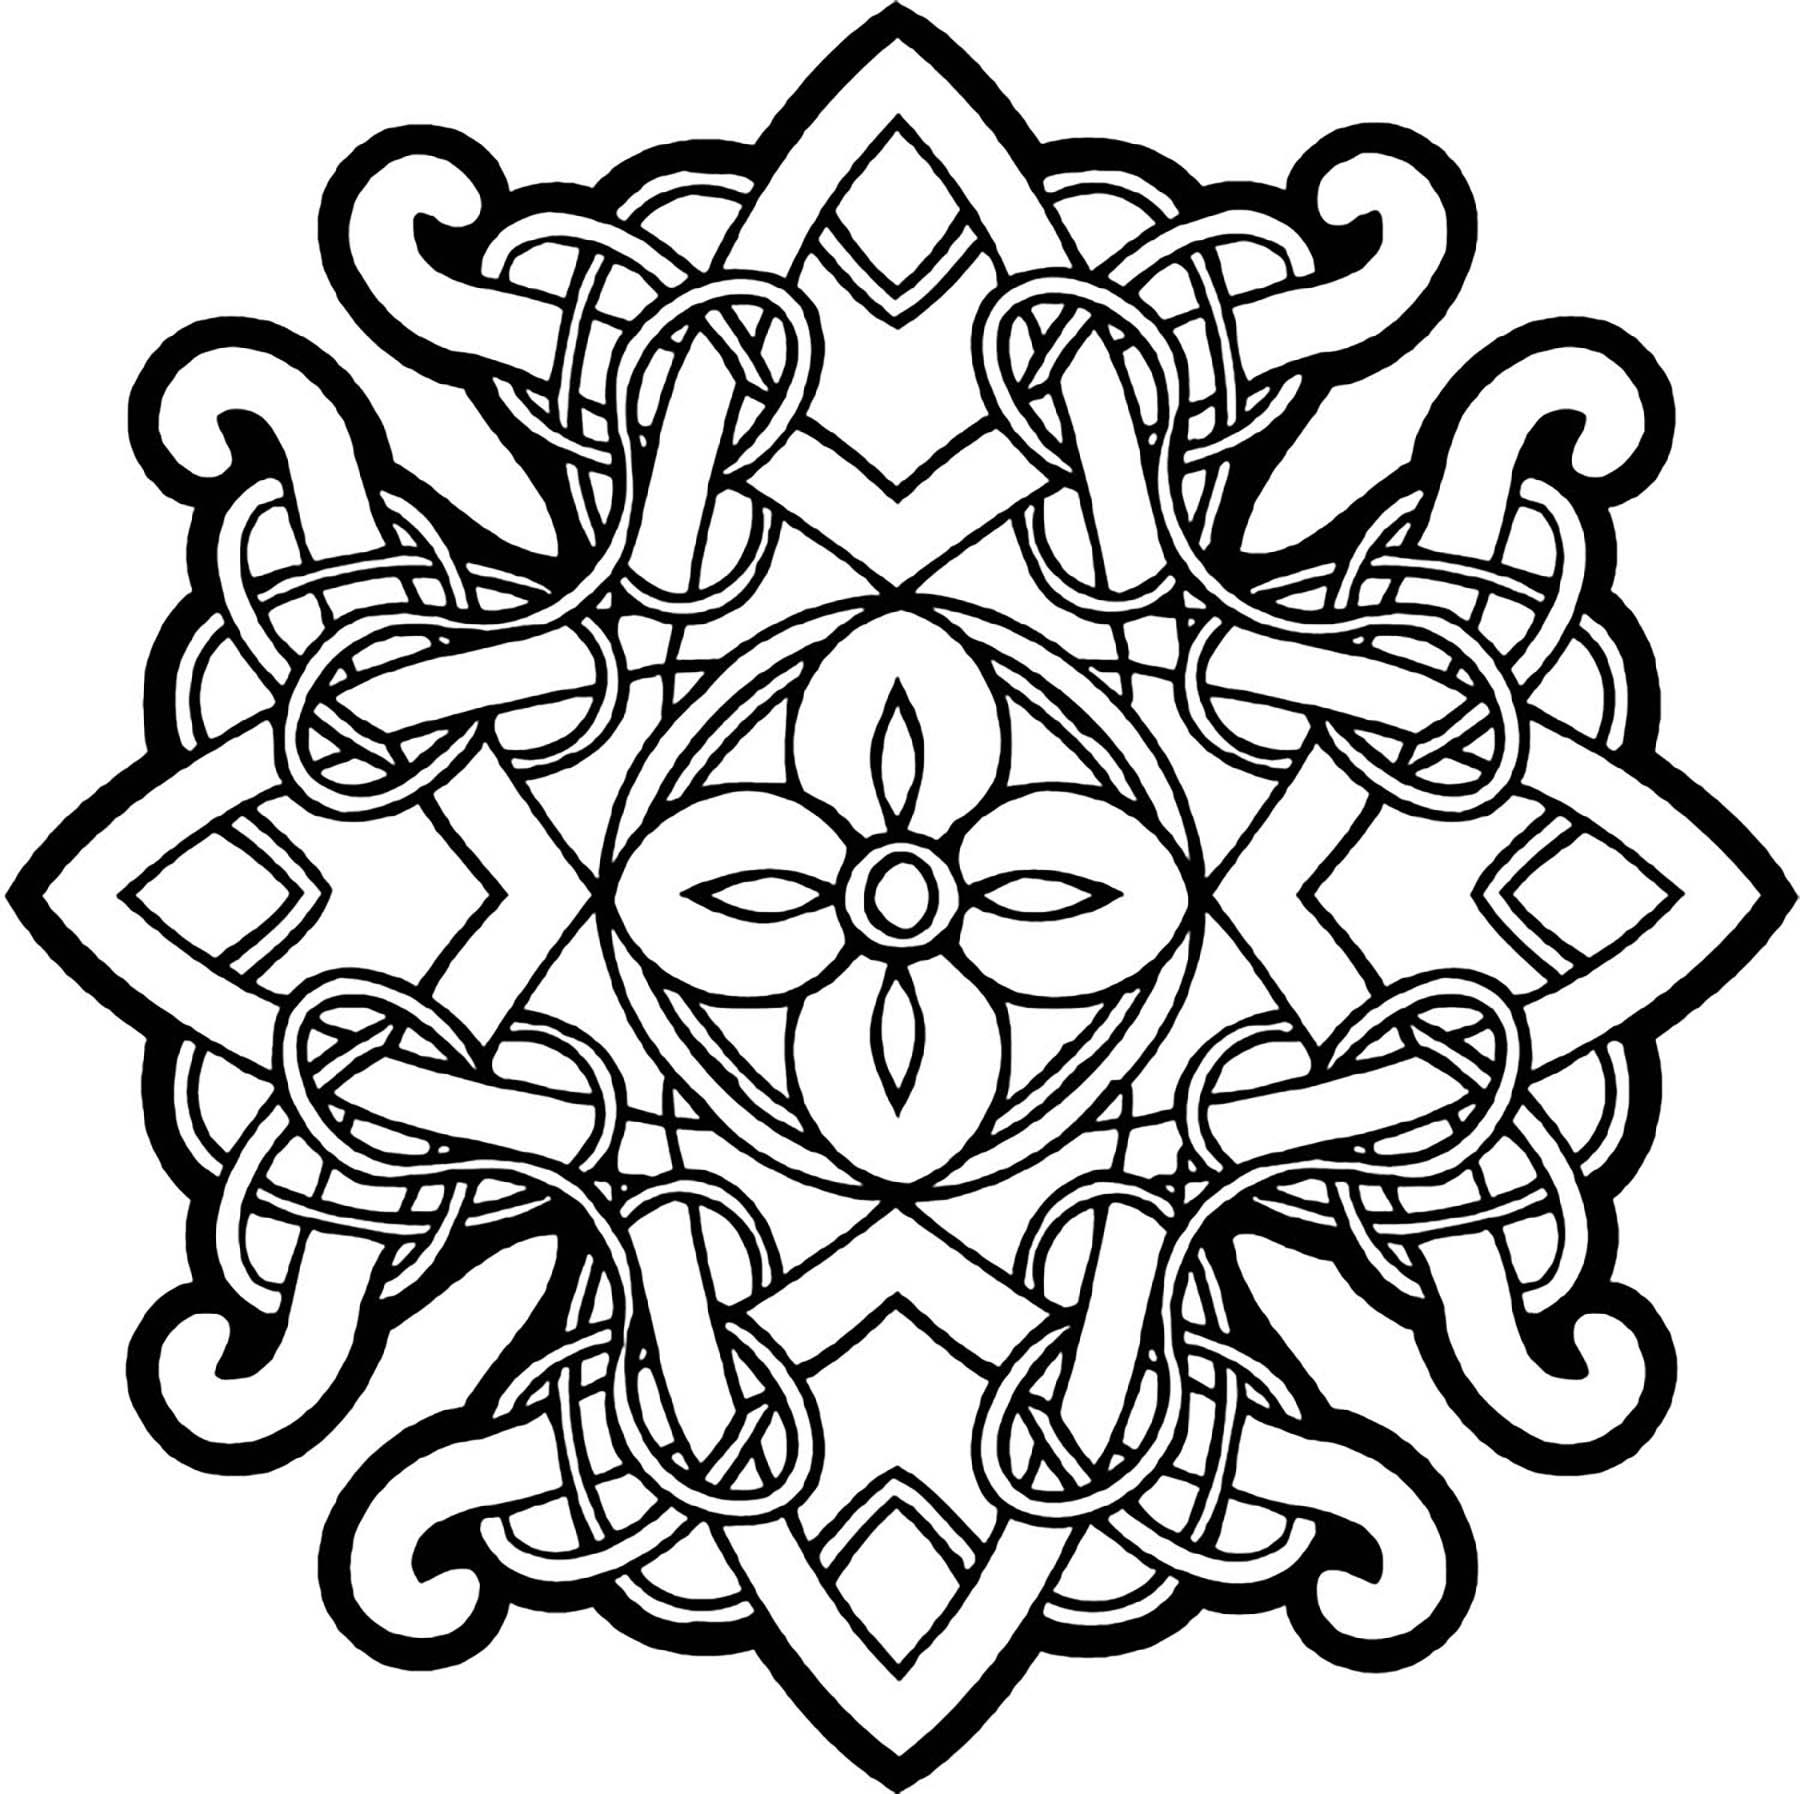 Coloriage Anti Stress Celtique.Mandala Art Celtique 26 Mandalas Avec Motifs Geometriques